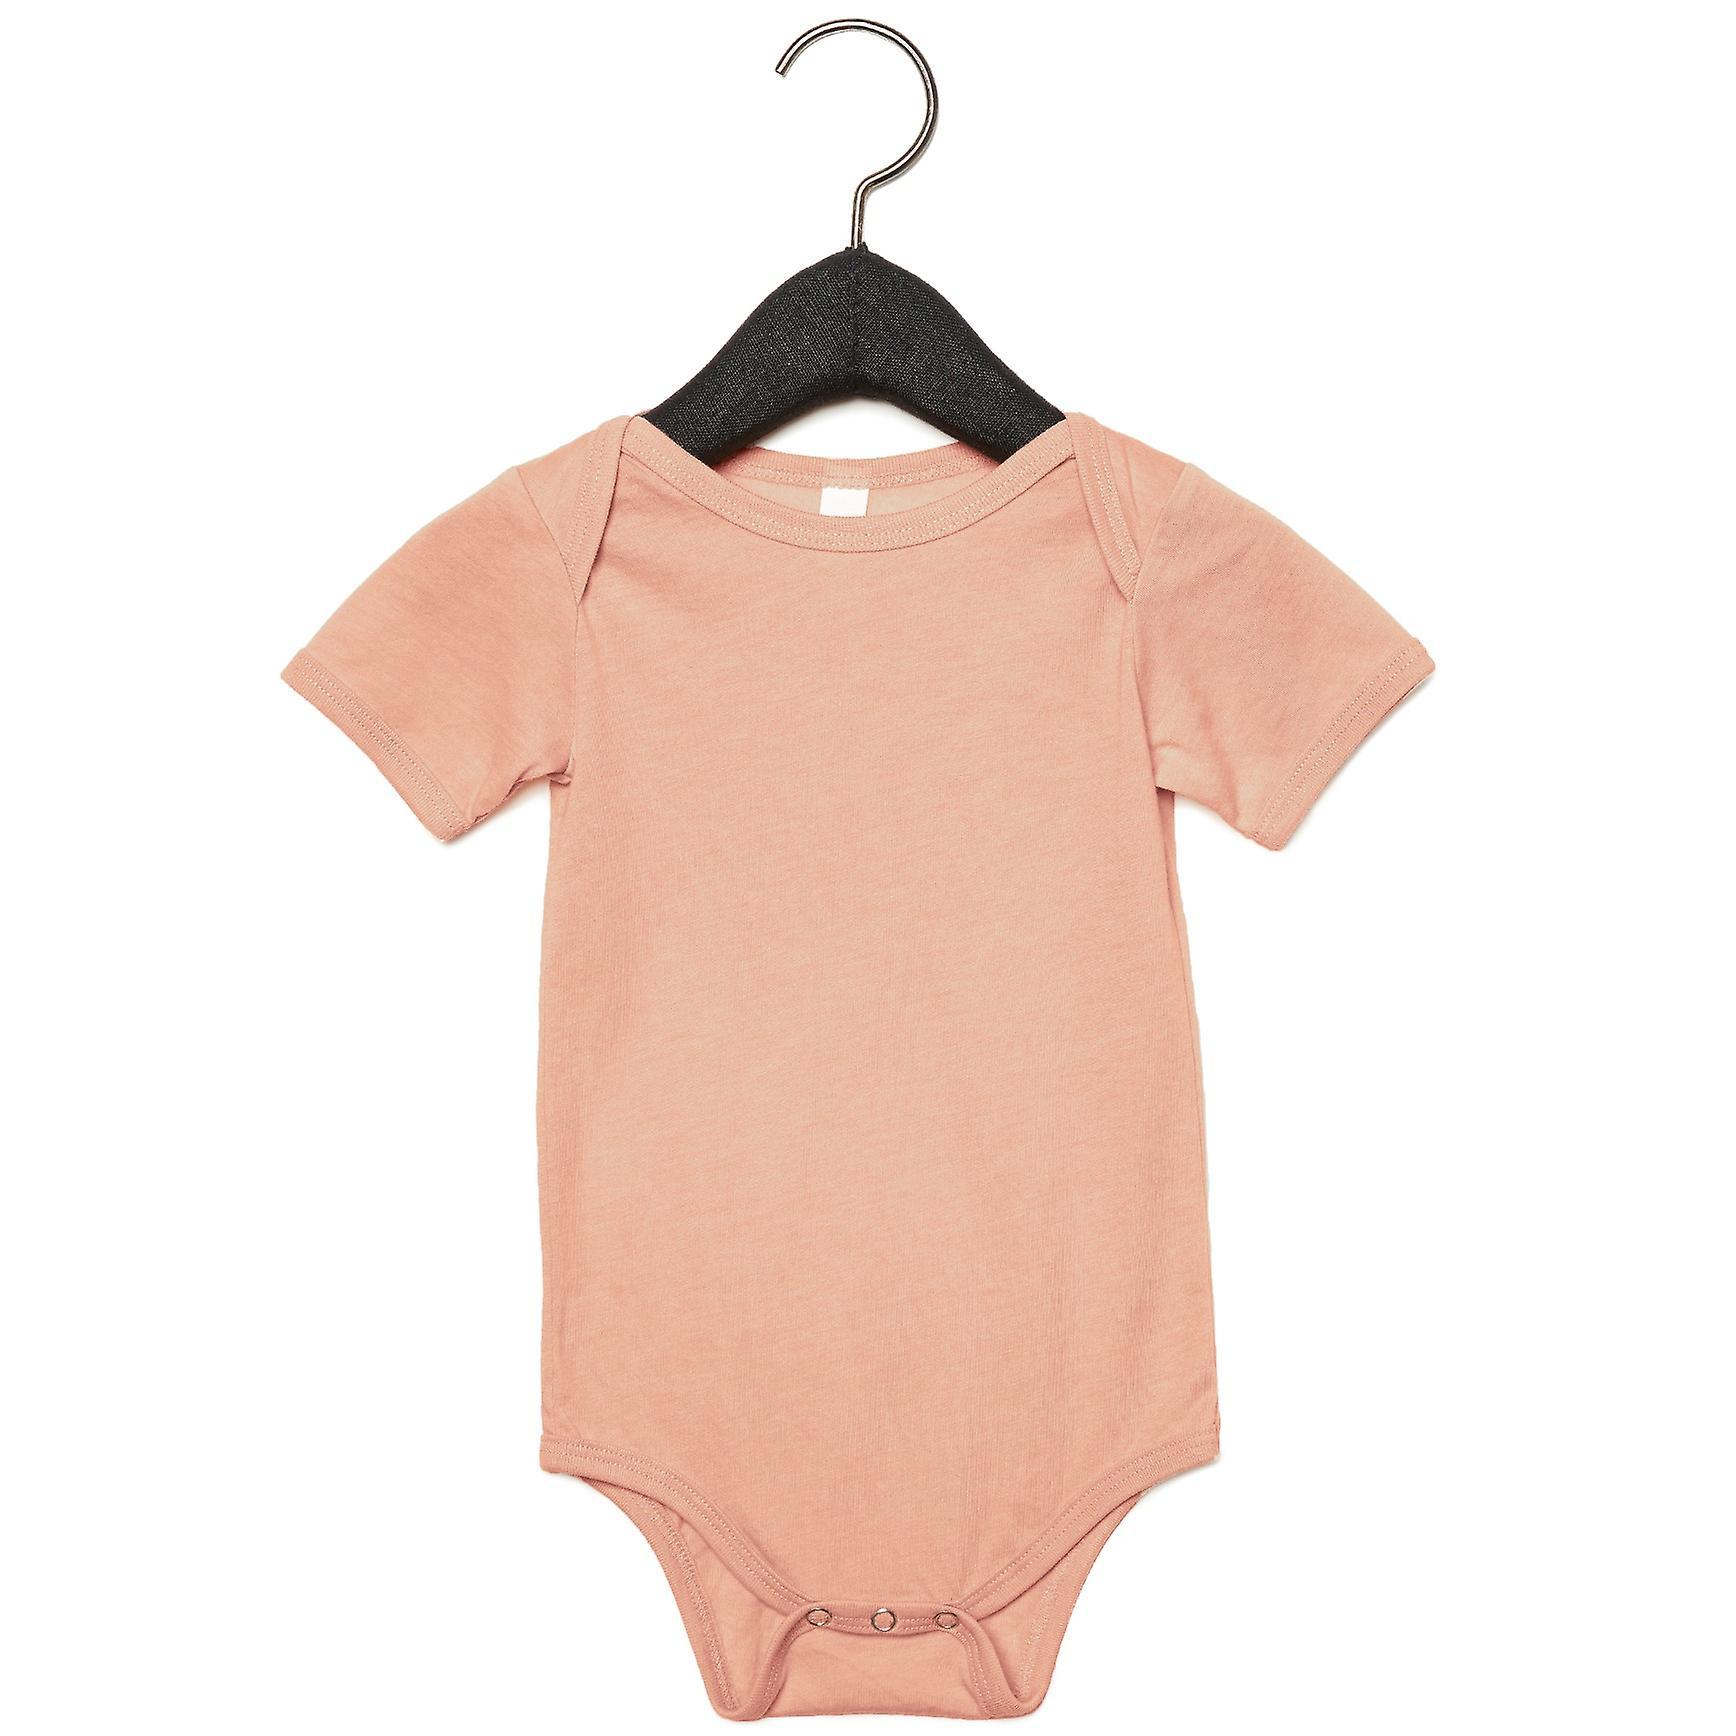 Bella + Leinwand Unisex Baby Triblend Short Sleeve Onesie